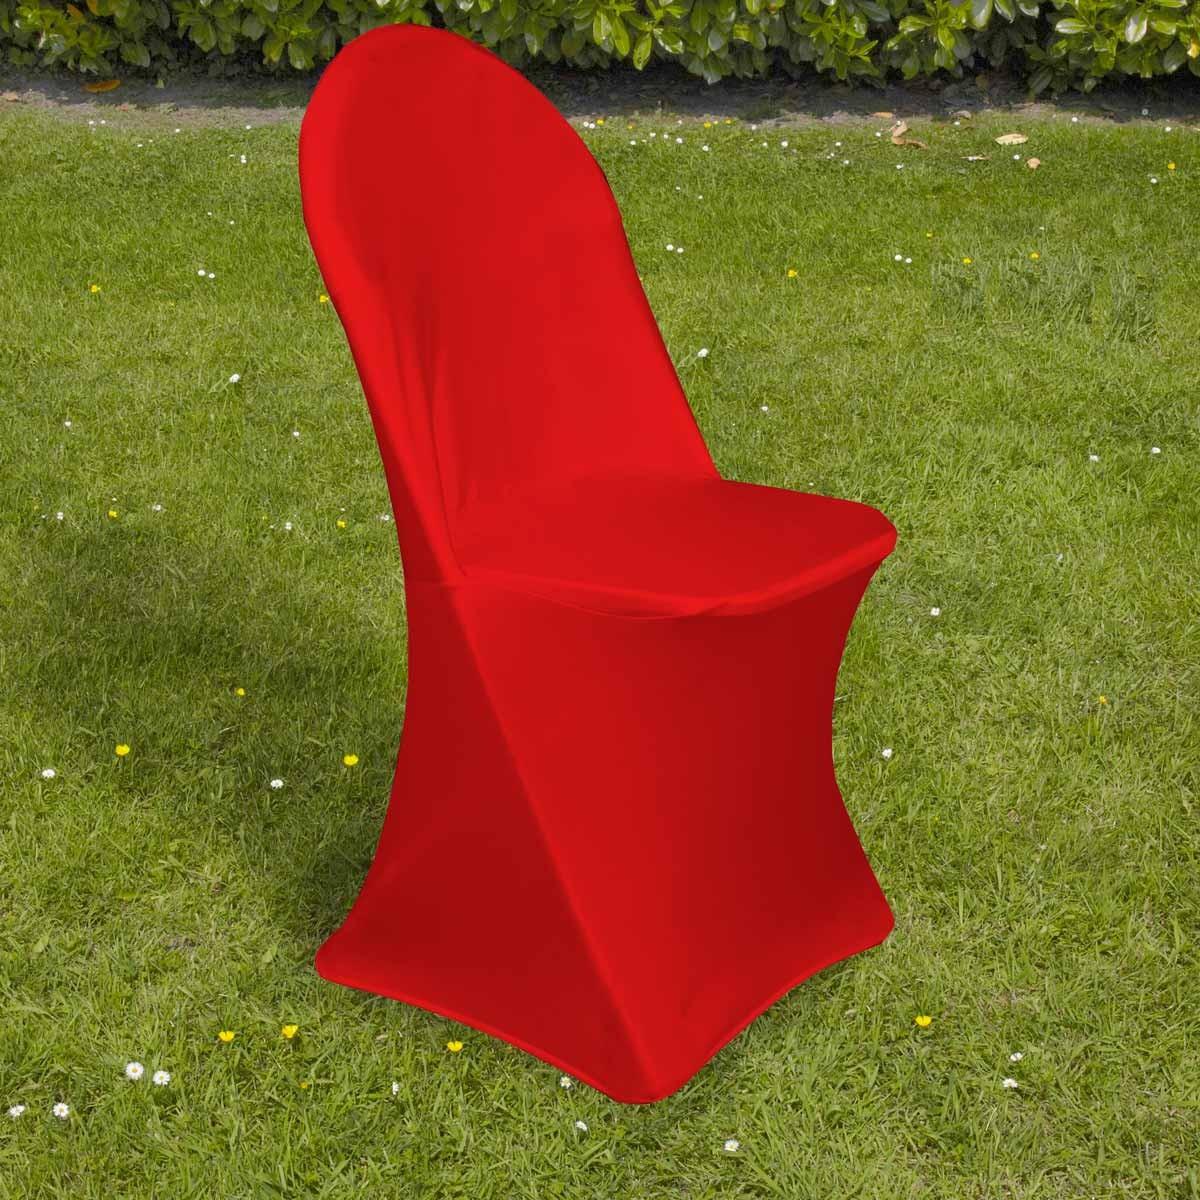 Housse De Chaise Pliante Rouge